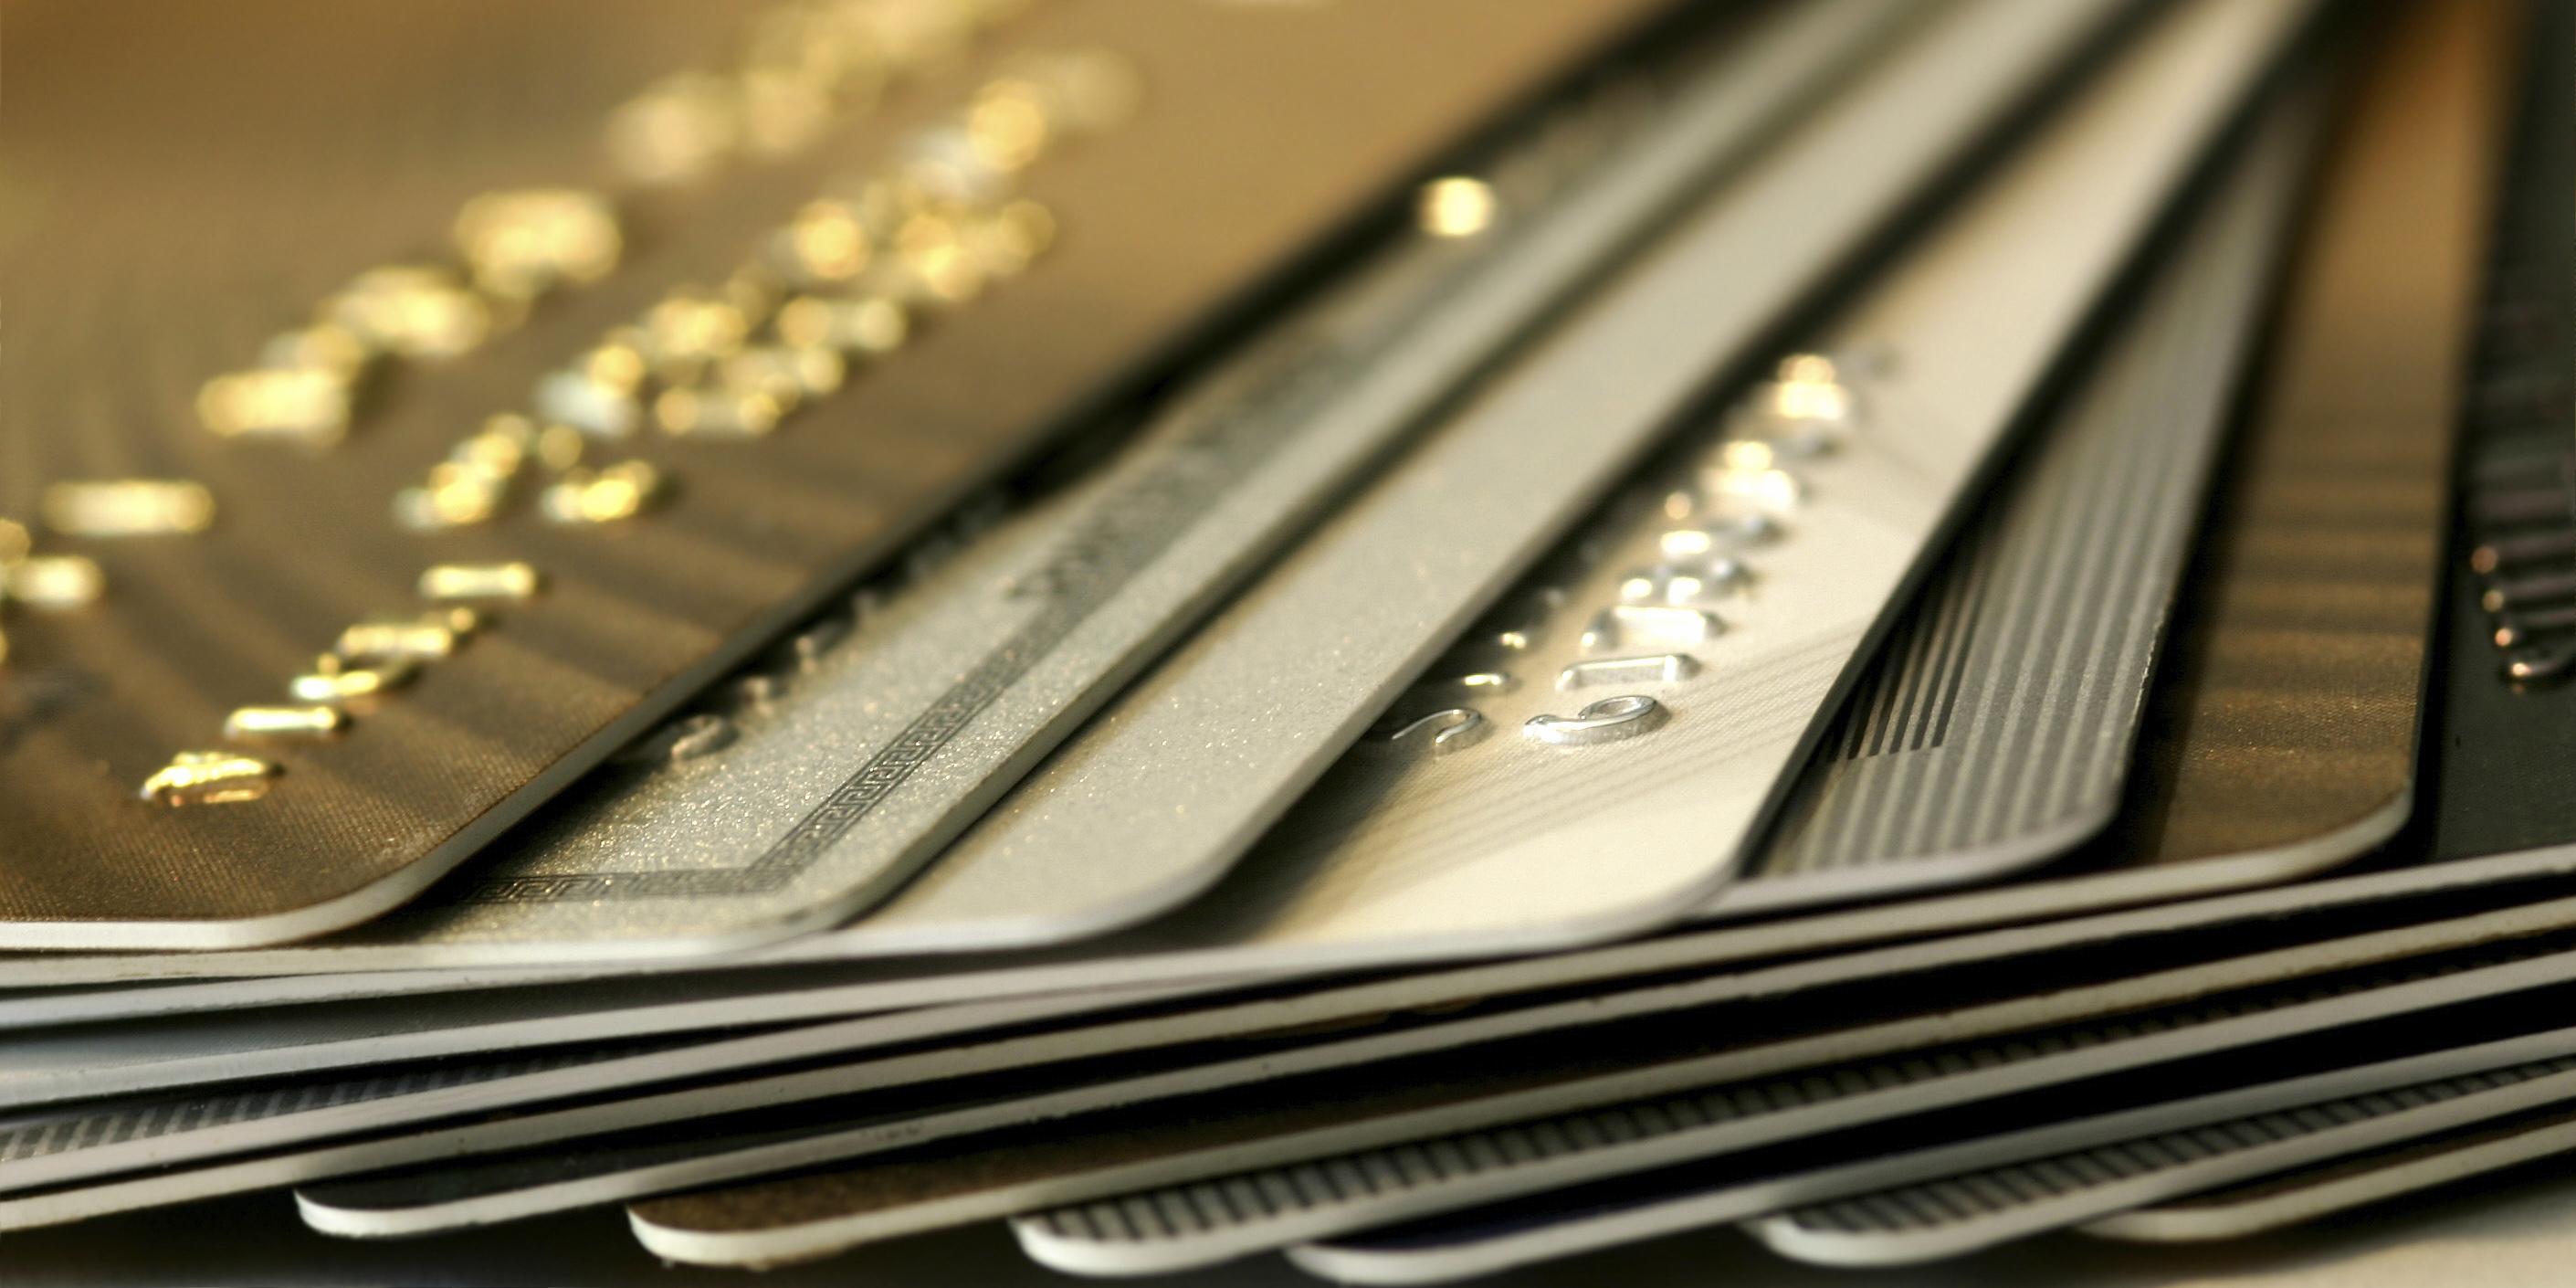 آیا طرح کارتهای اعتباری خرید کالا شکست خورده است؟